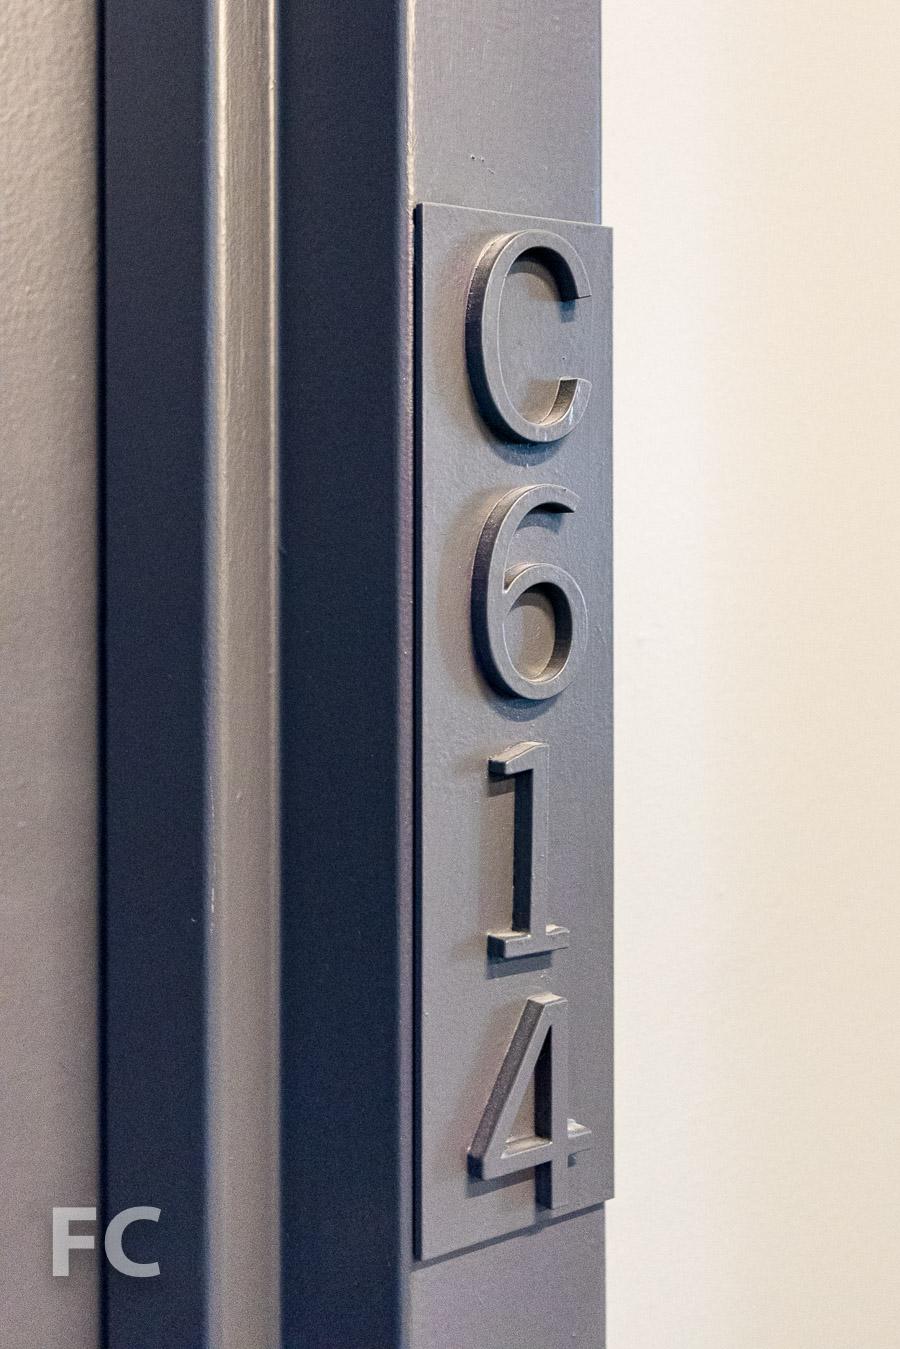 Unit number entry signage.